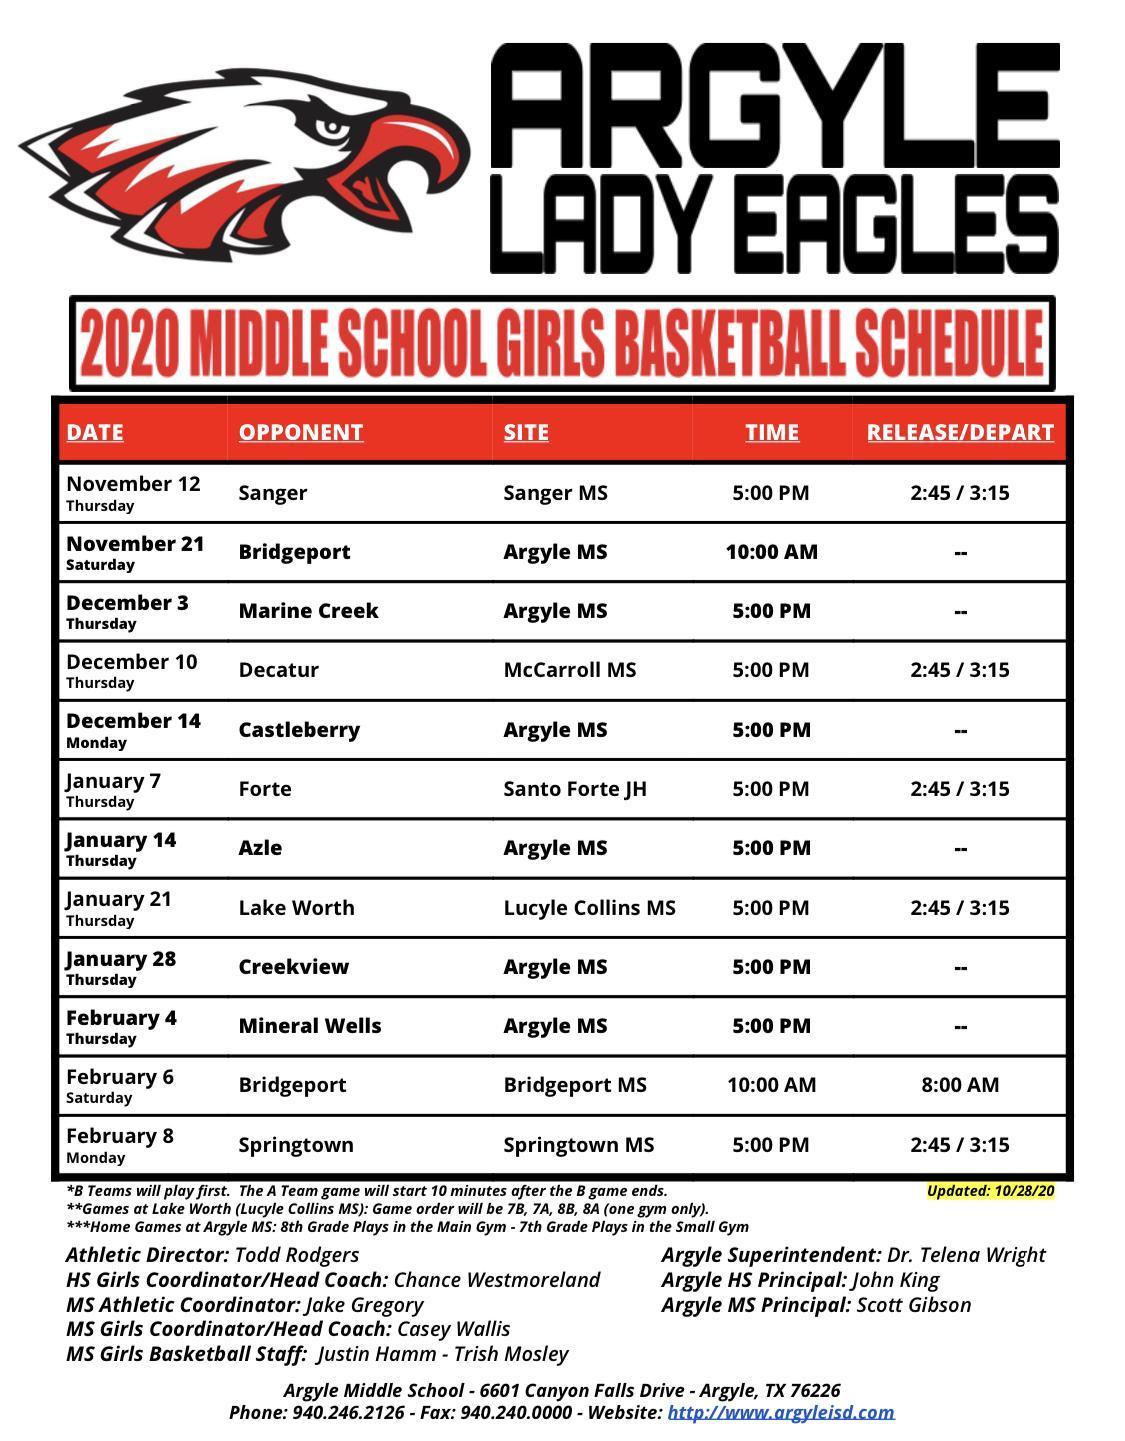 2020-2021 Argyle MS Girls Basketball Schedule - Updated 10-28-20